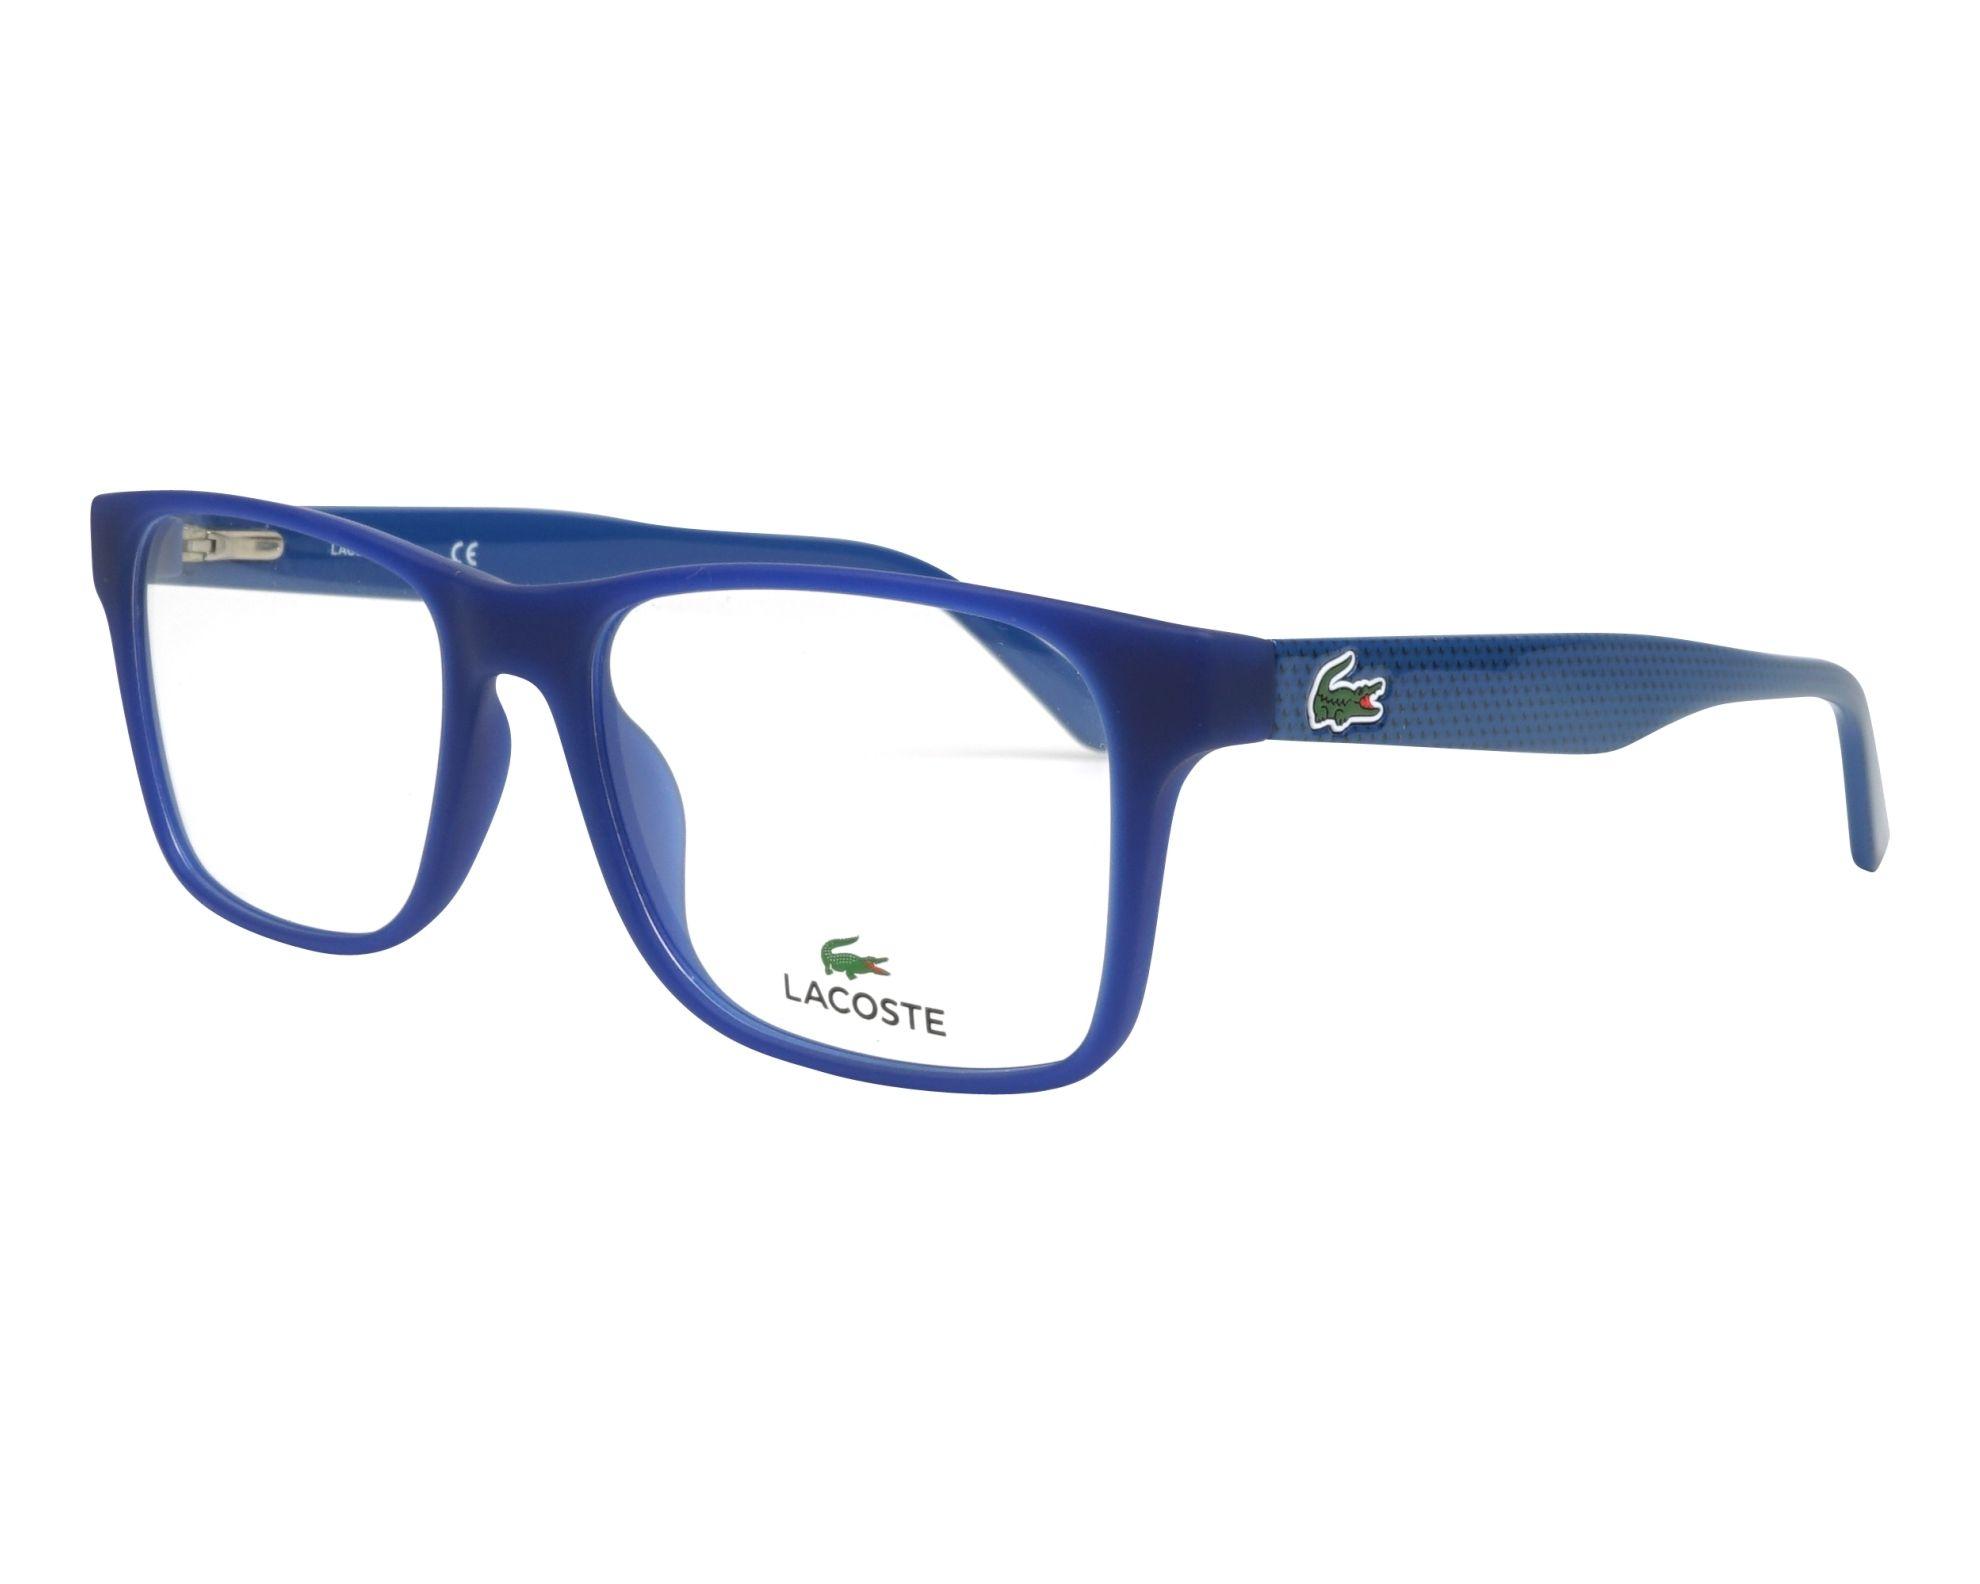 9df375c6c8 eyeglasses Lacoste L-2741 414 53-17 Blue Blue profile view